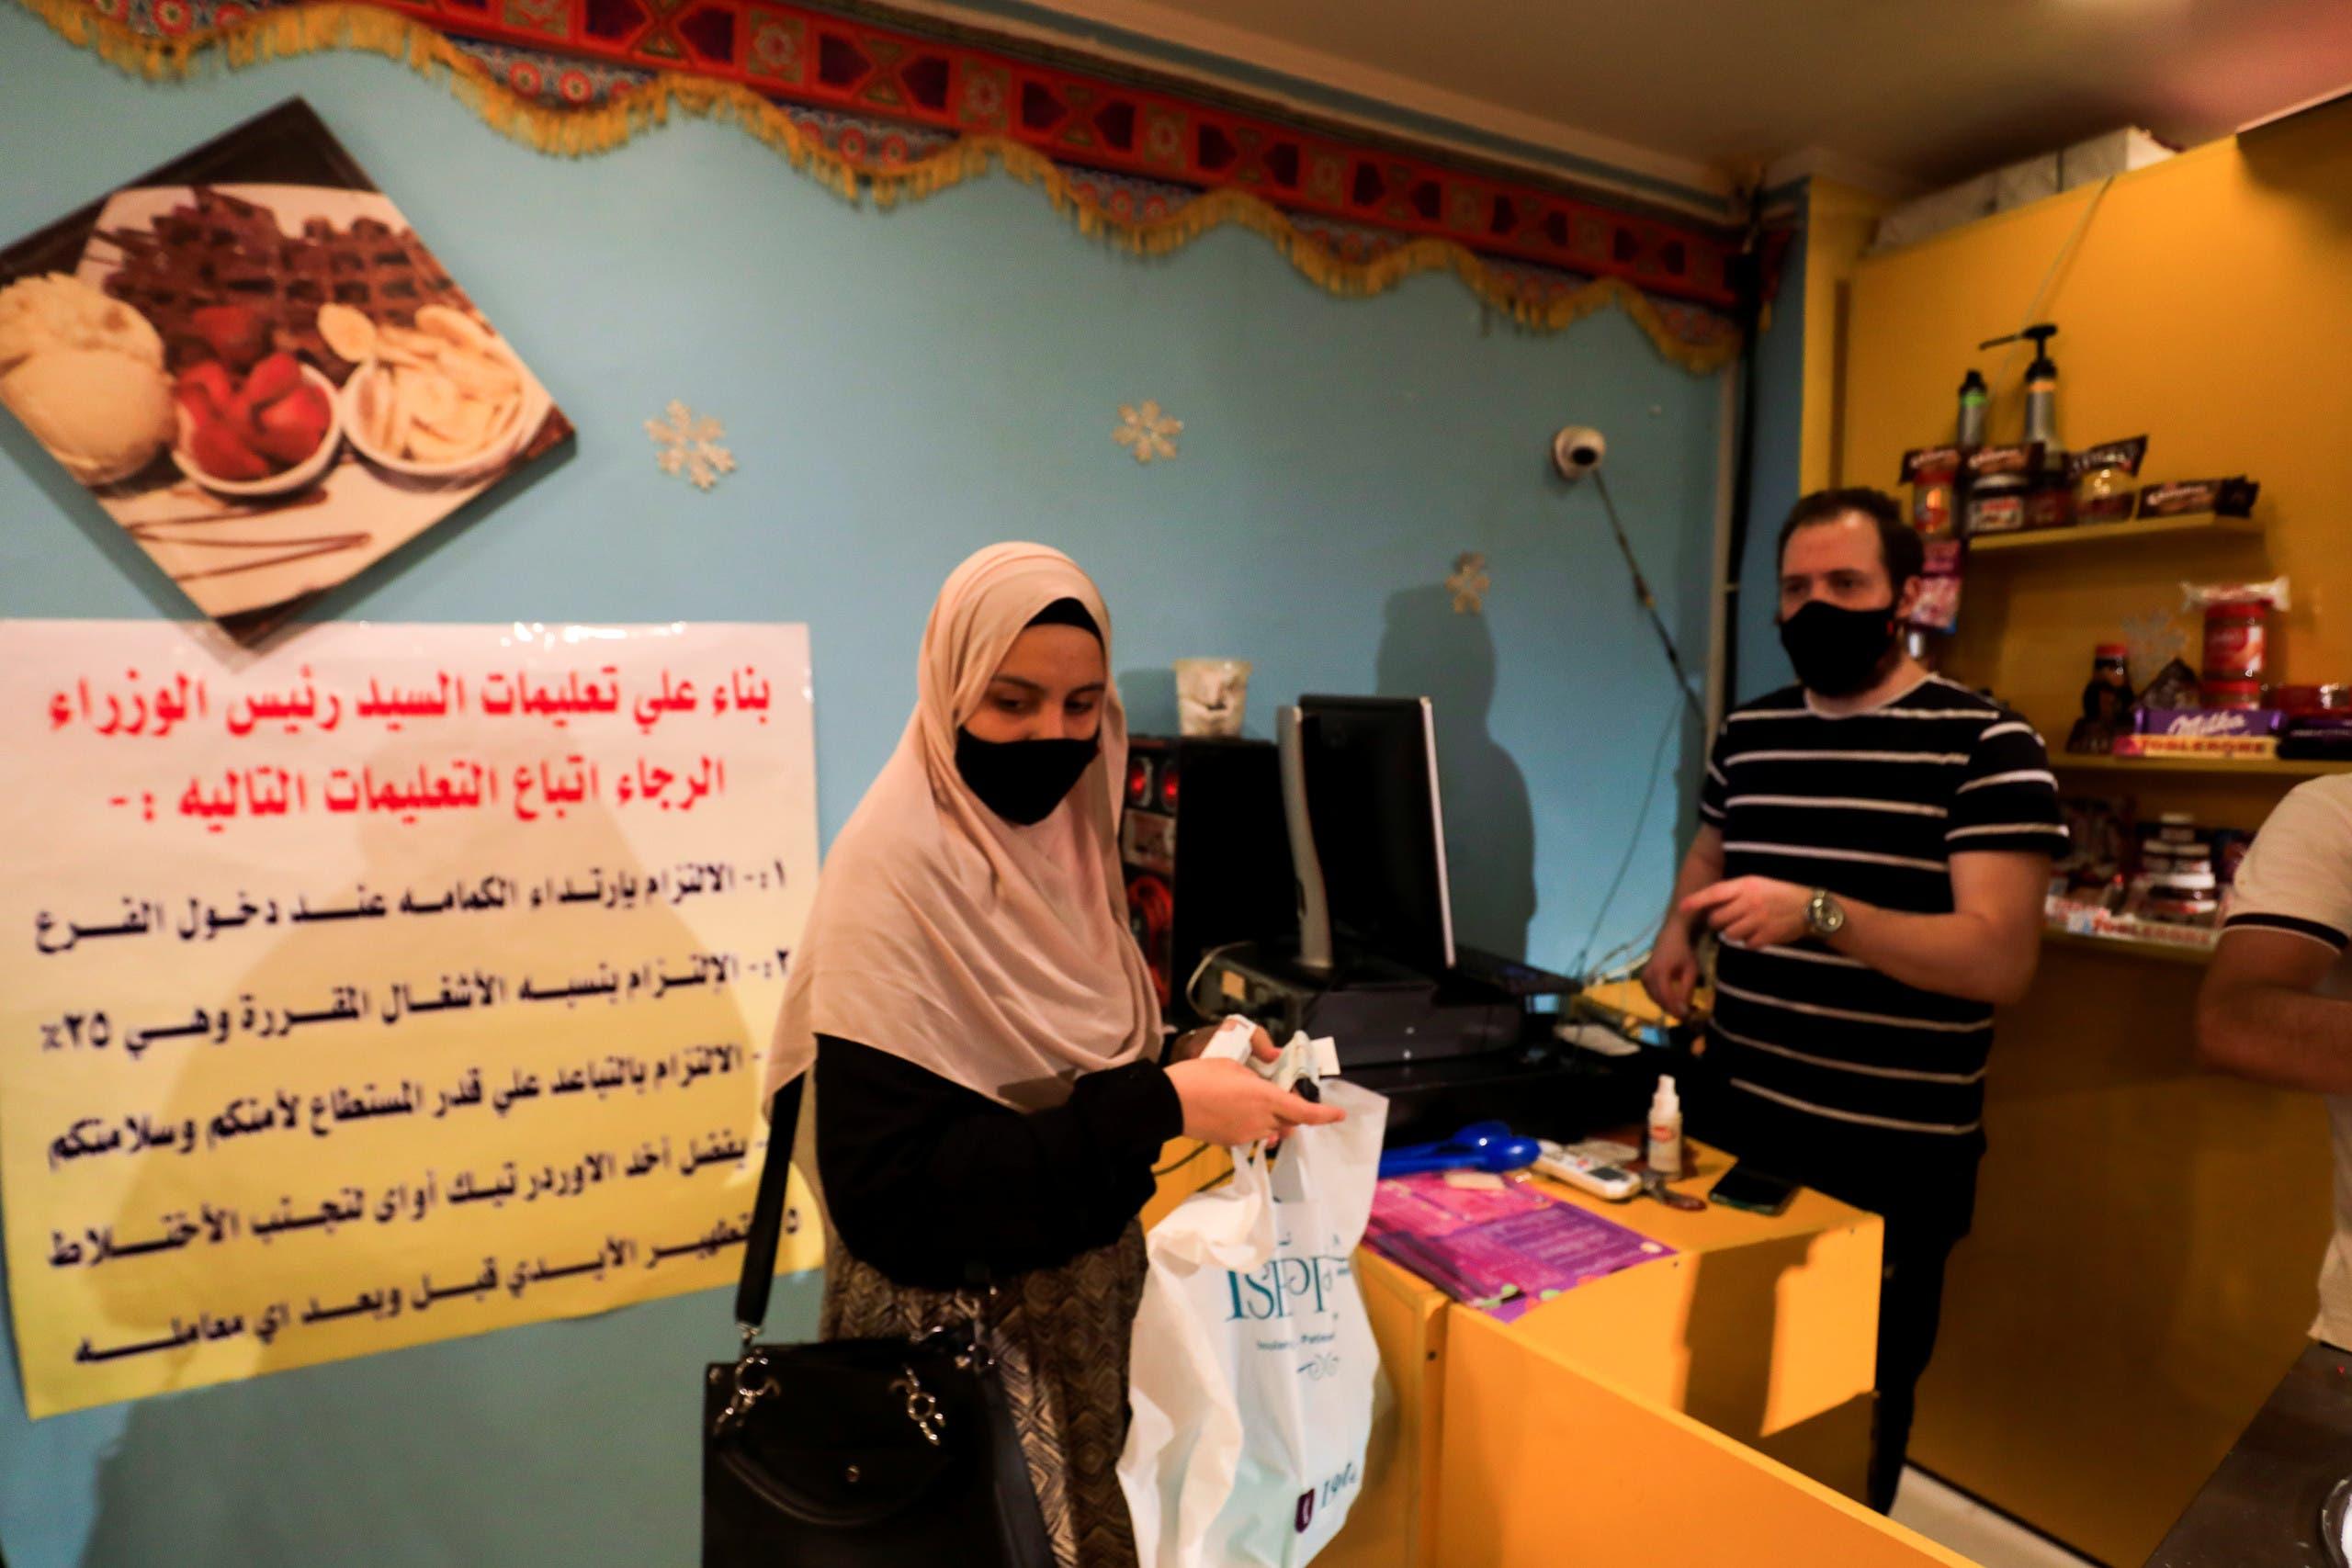 كمامات في متجر لبيع المثلجات في القاهرة